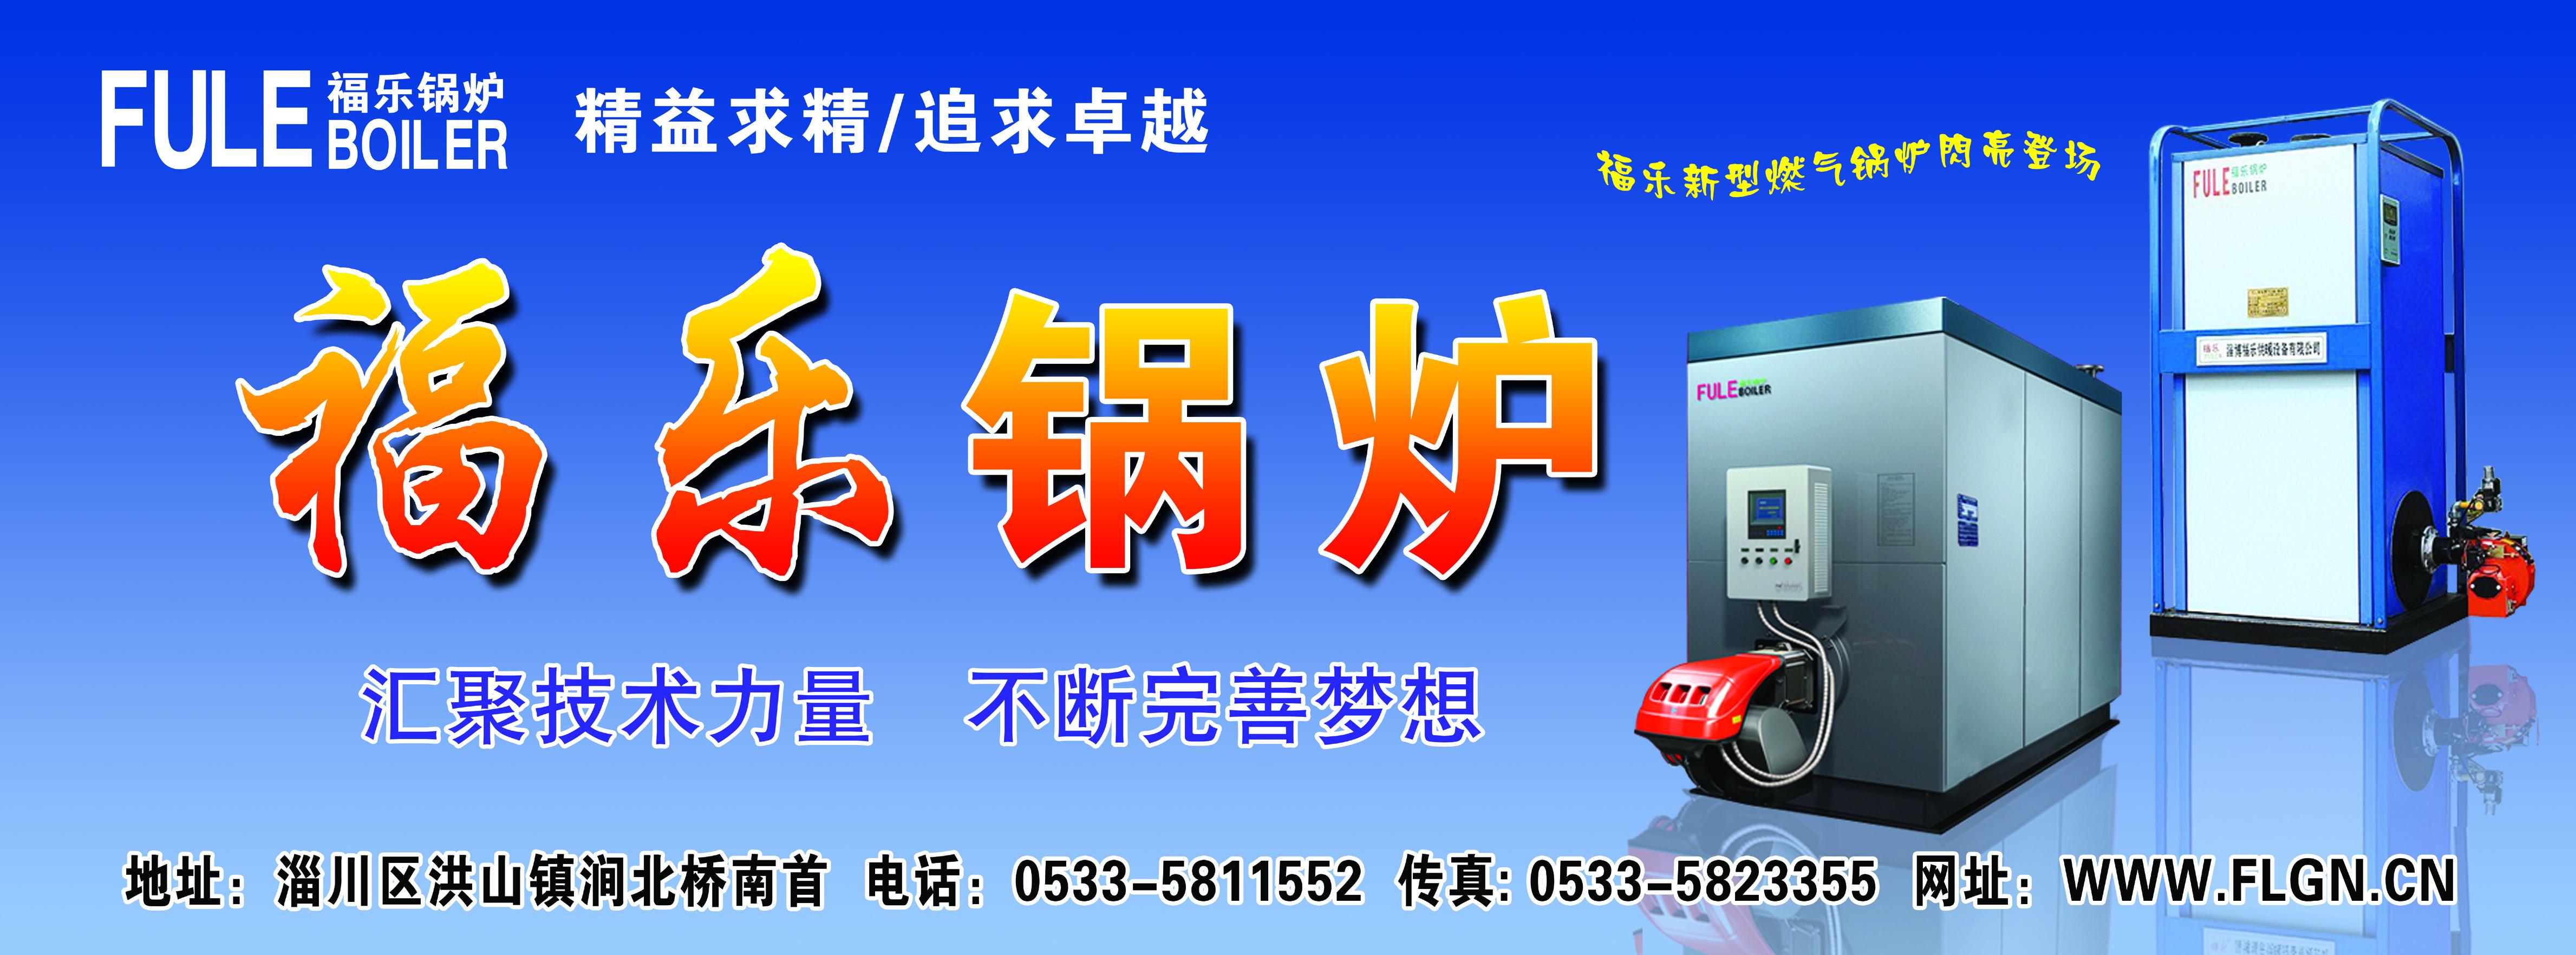 山东福乐锅炉科技有限公司